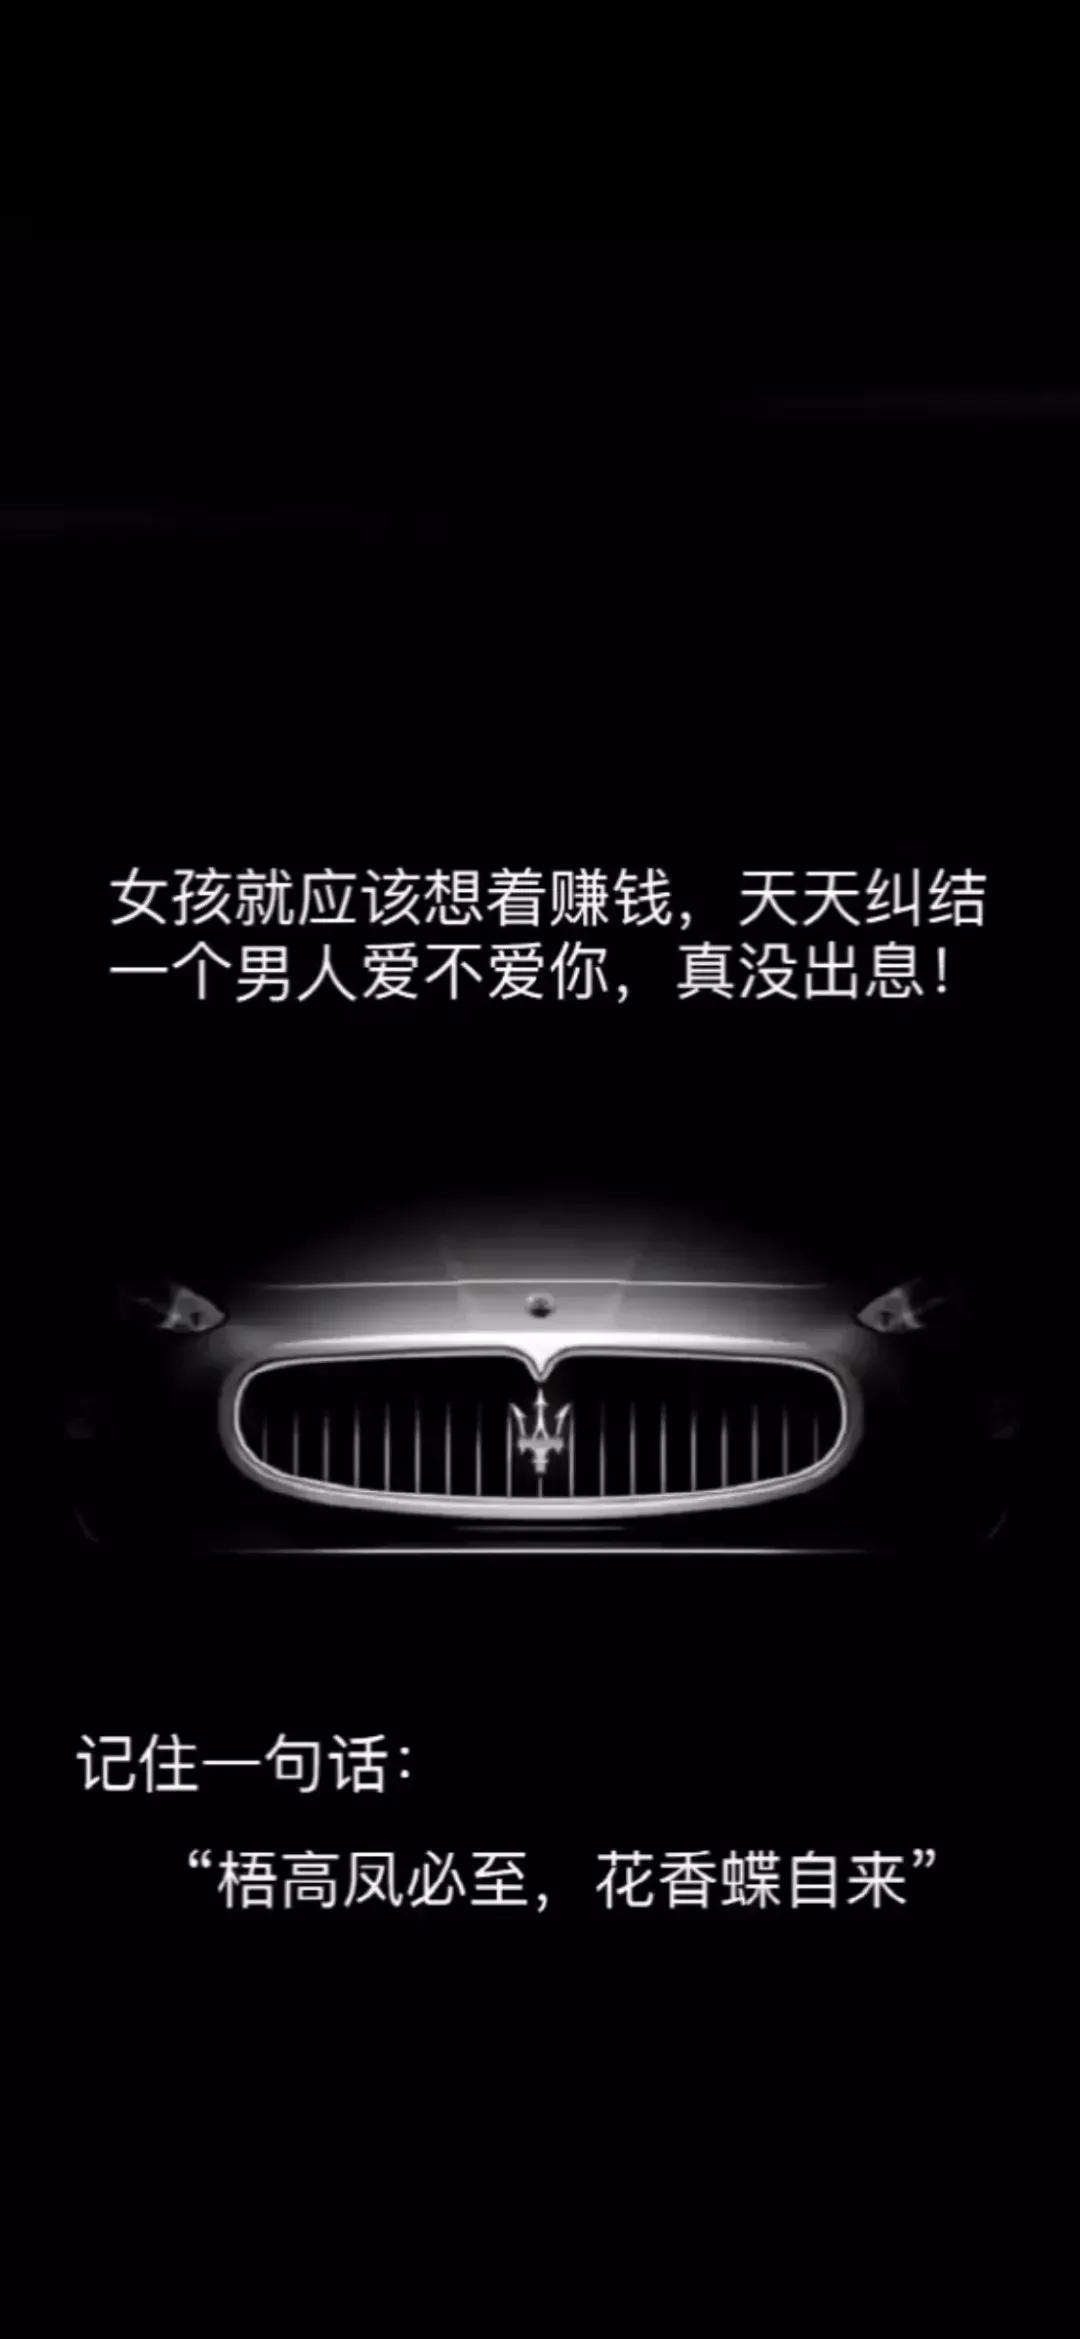 抖音高清汽车配文字壁纸图片无水印合集,总有一款你喜欢的汽车